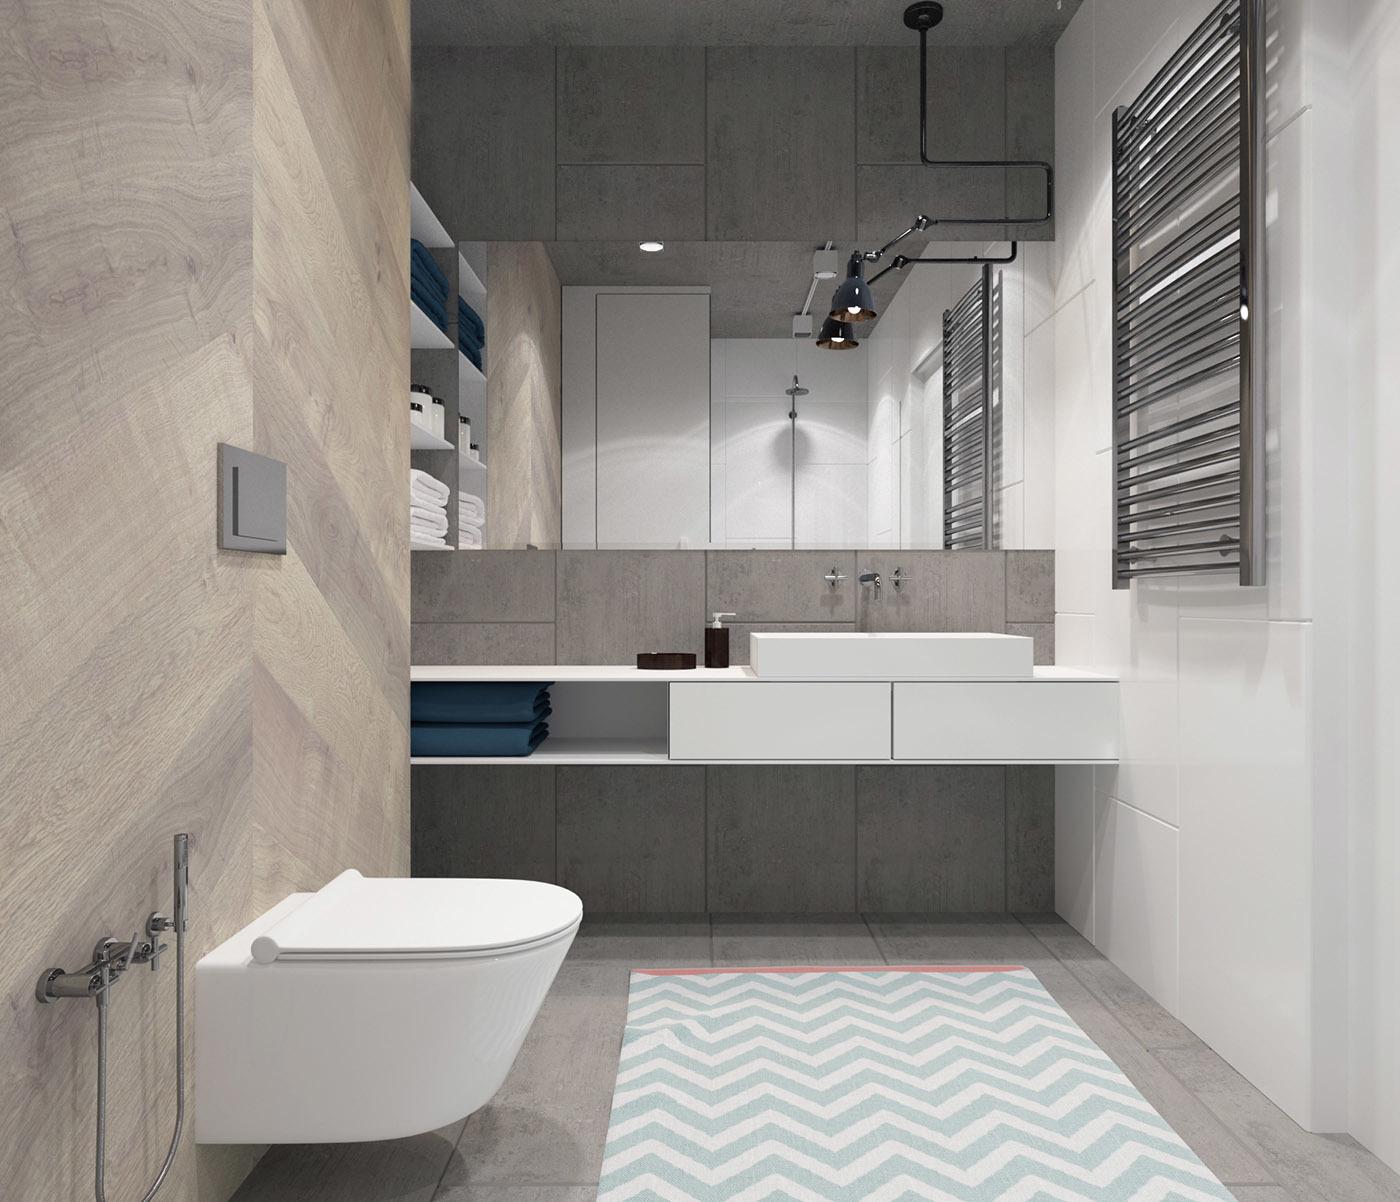 Egyedi tervezésű mosdópult